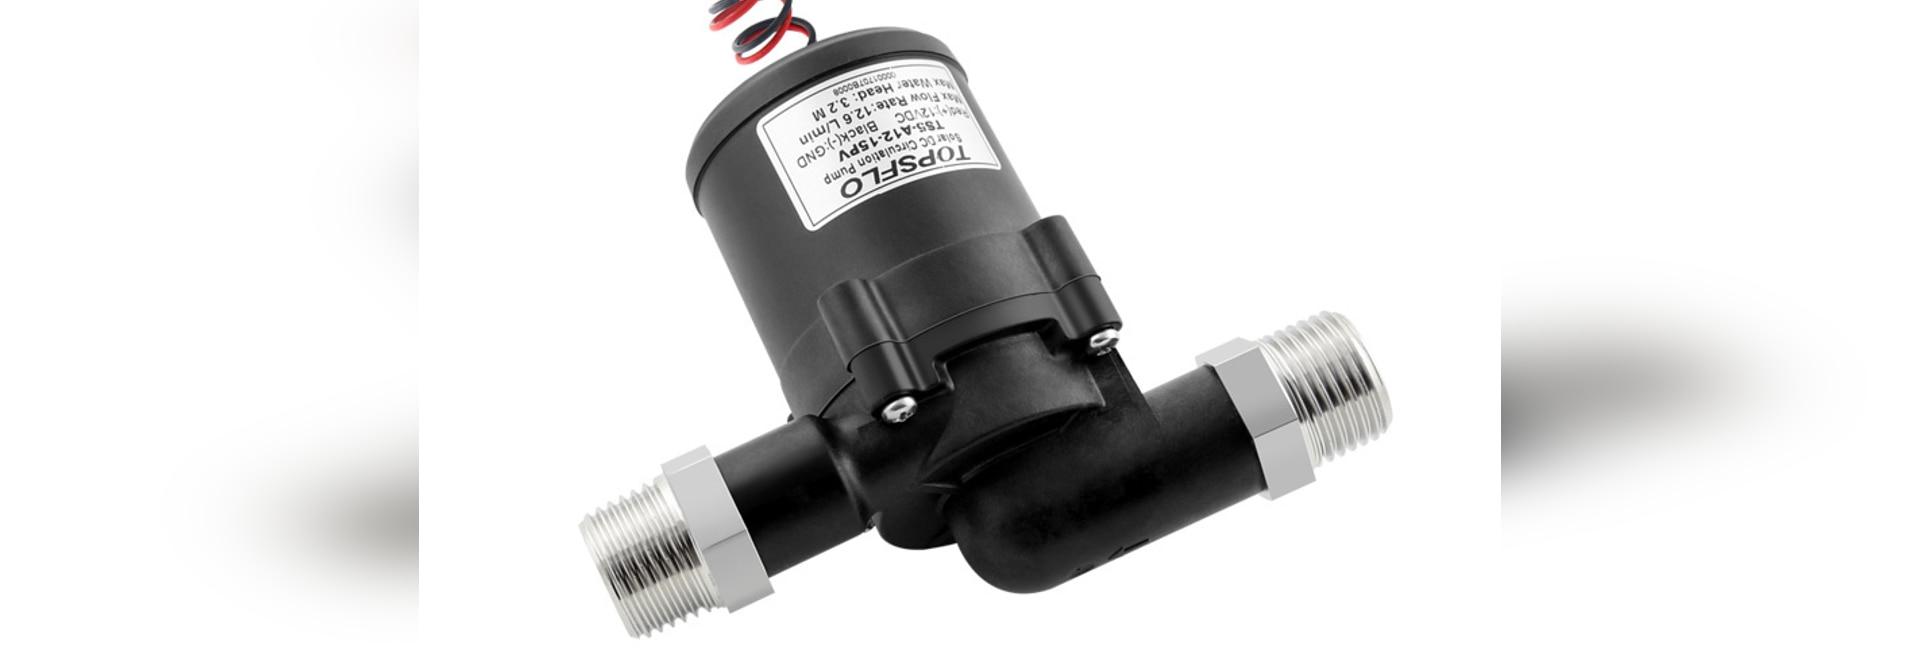 Pompe sans brosse de C.C de CU de TOPSFLO TS5